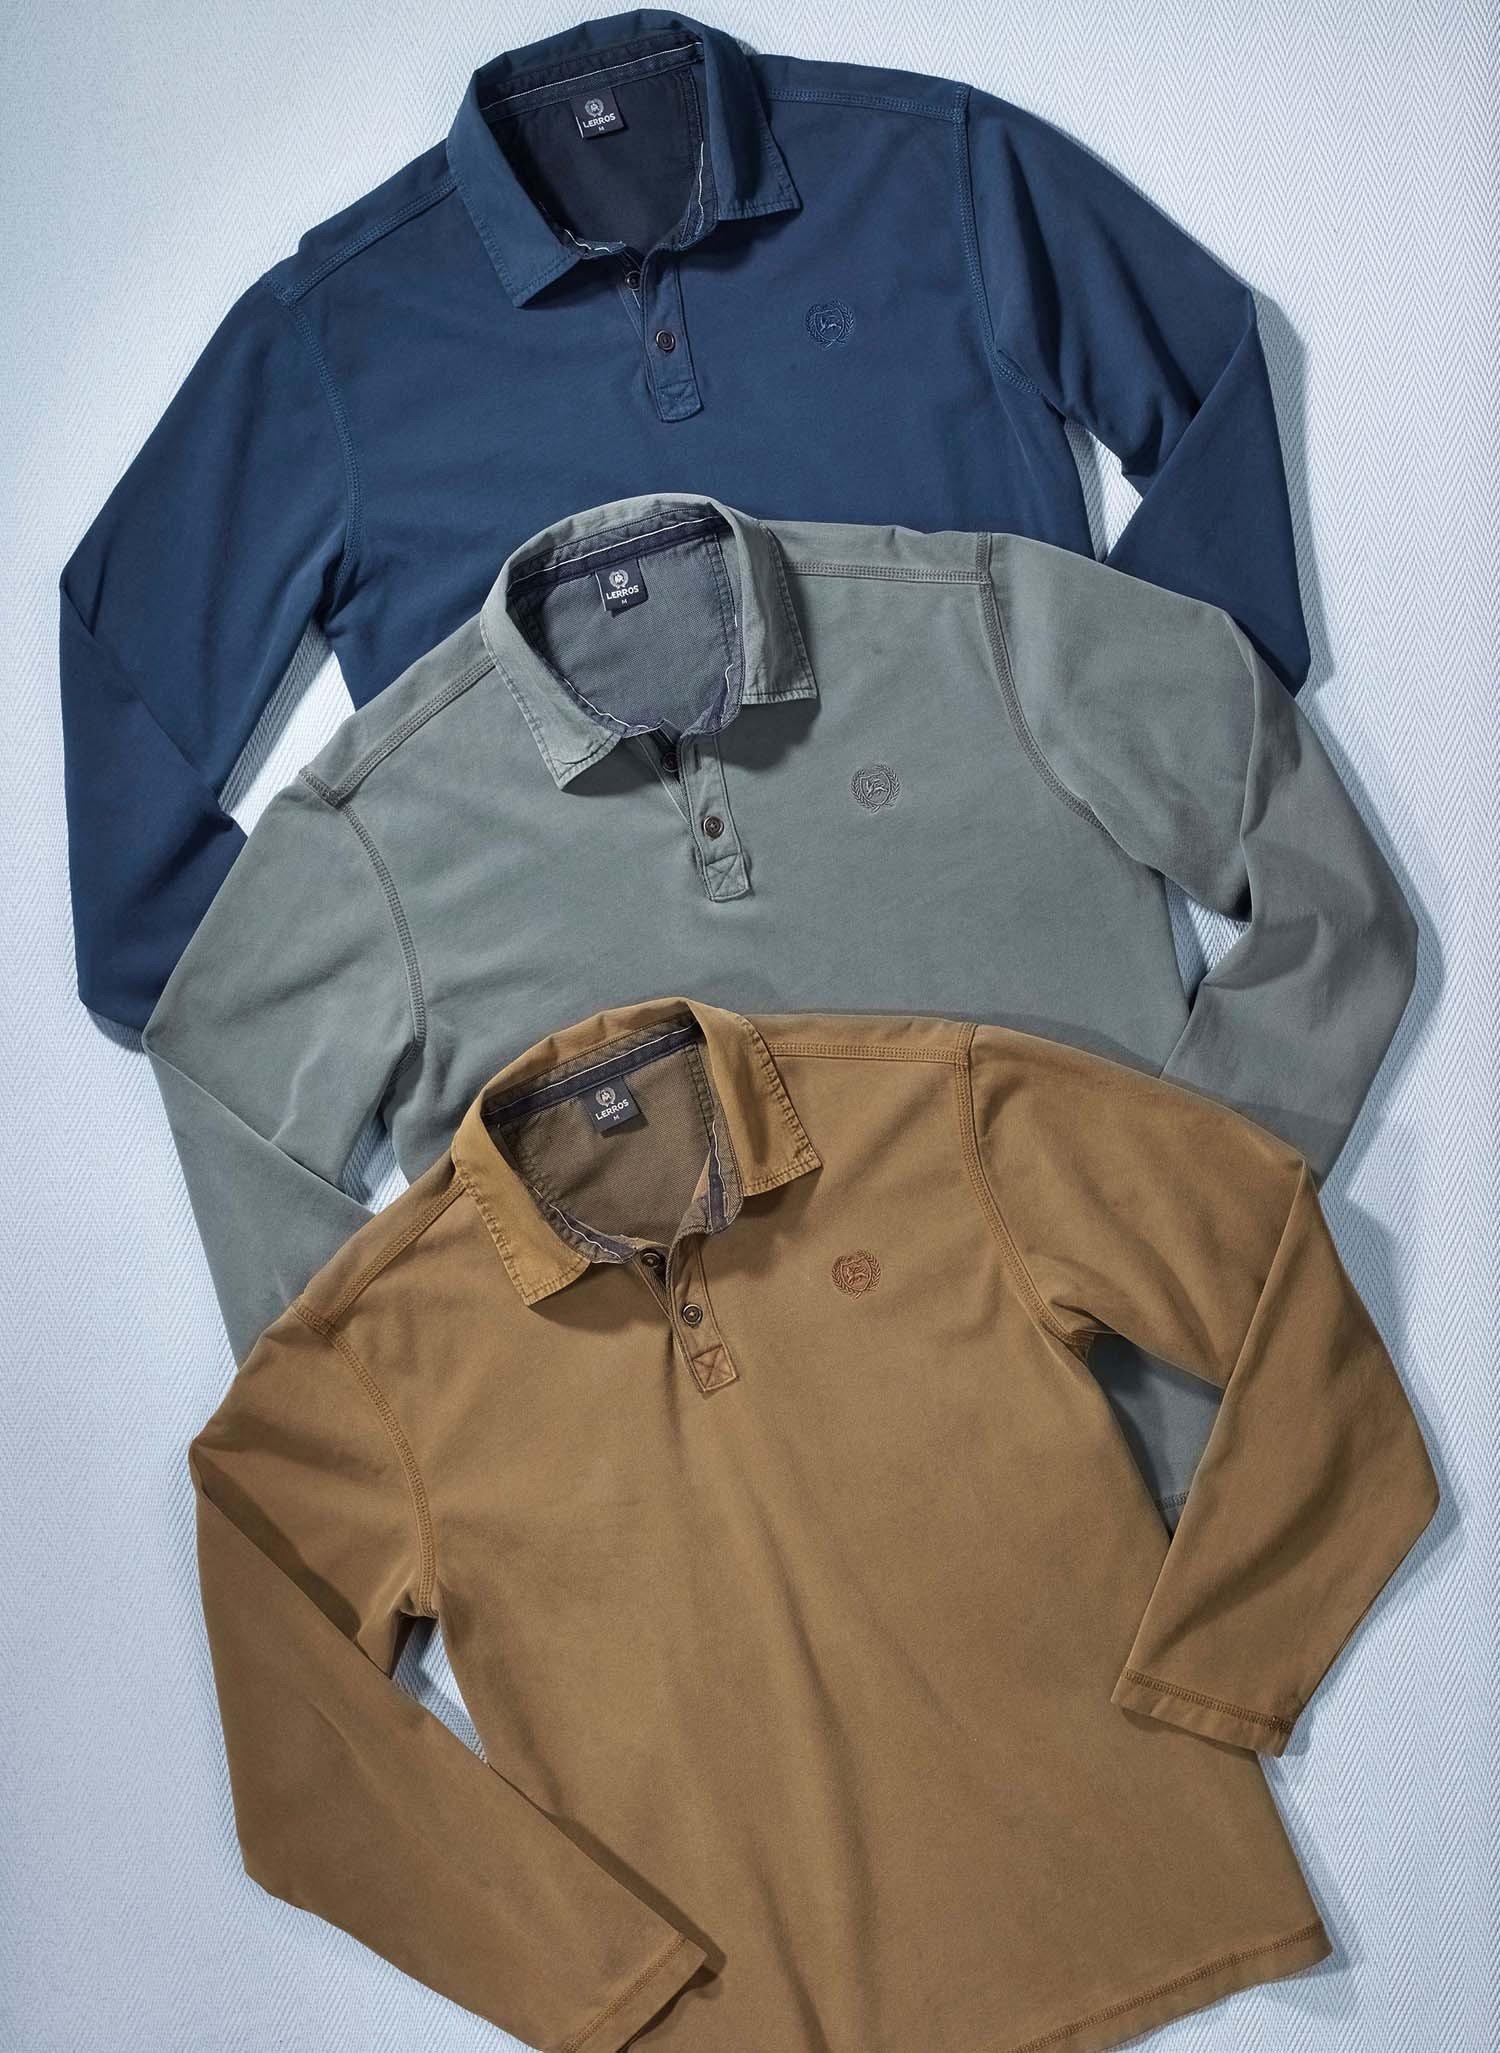 H-LA-Polo-Sweat,LERROS,marine L 053 - 2 - Ronja.ch